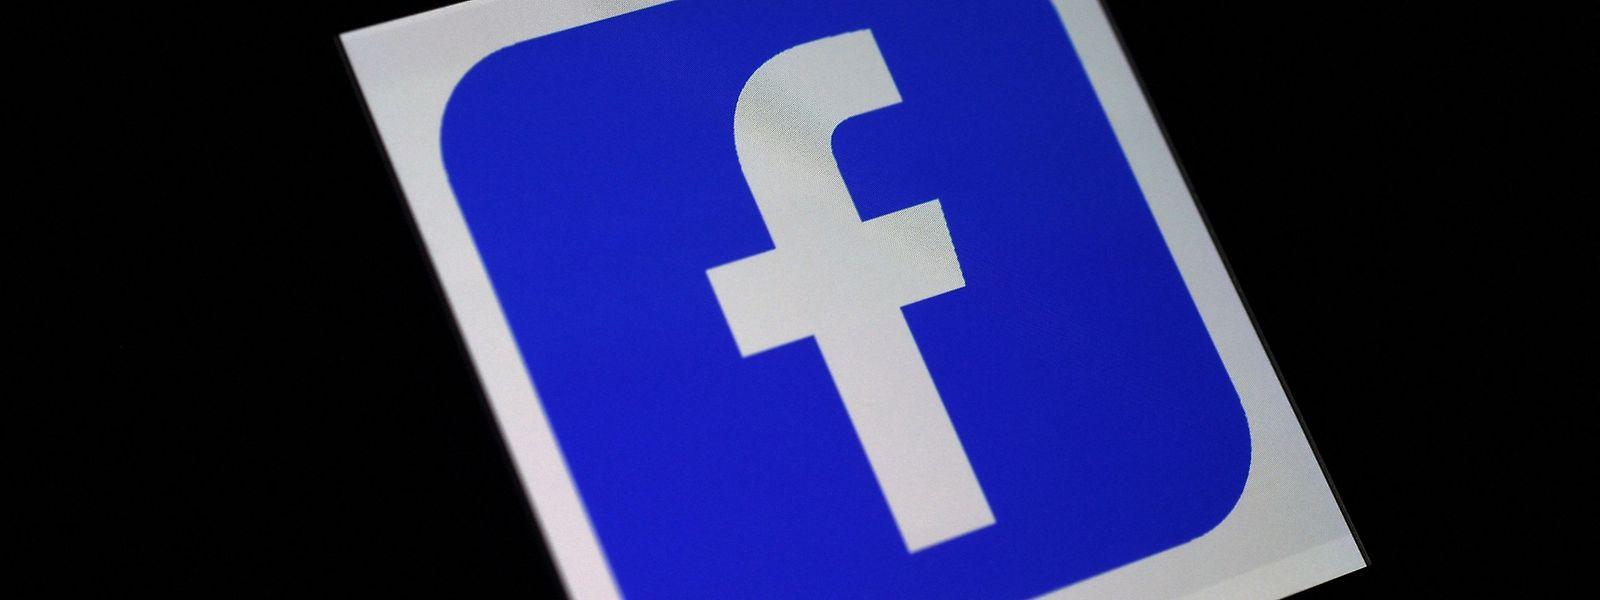 Anleger ließen die Facebook-Aktie im nachbörslichen Handel um gut sechs Prozent steigen.